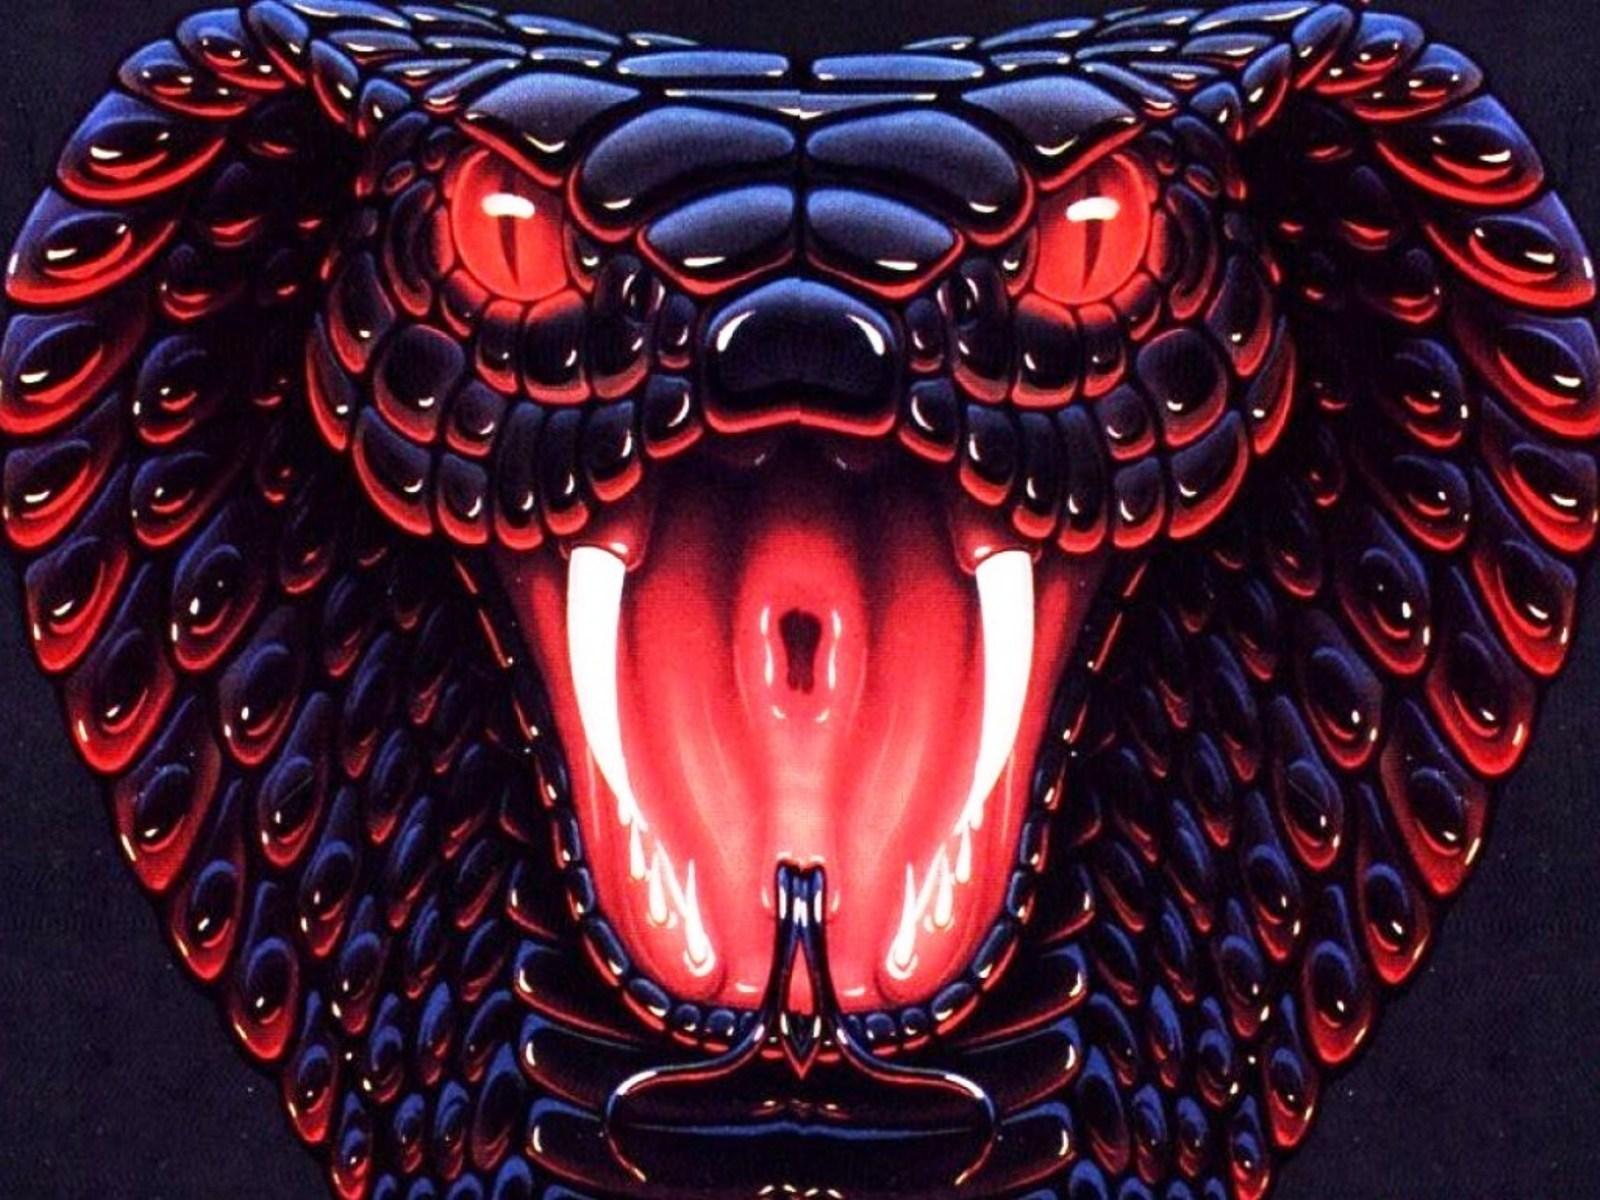 Cobra eyes